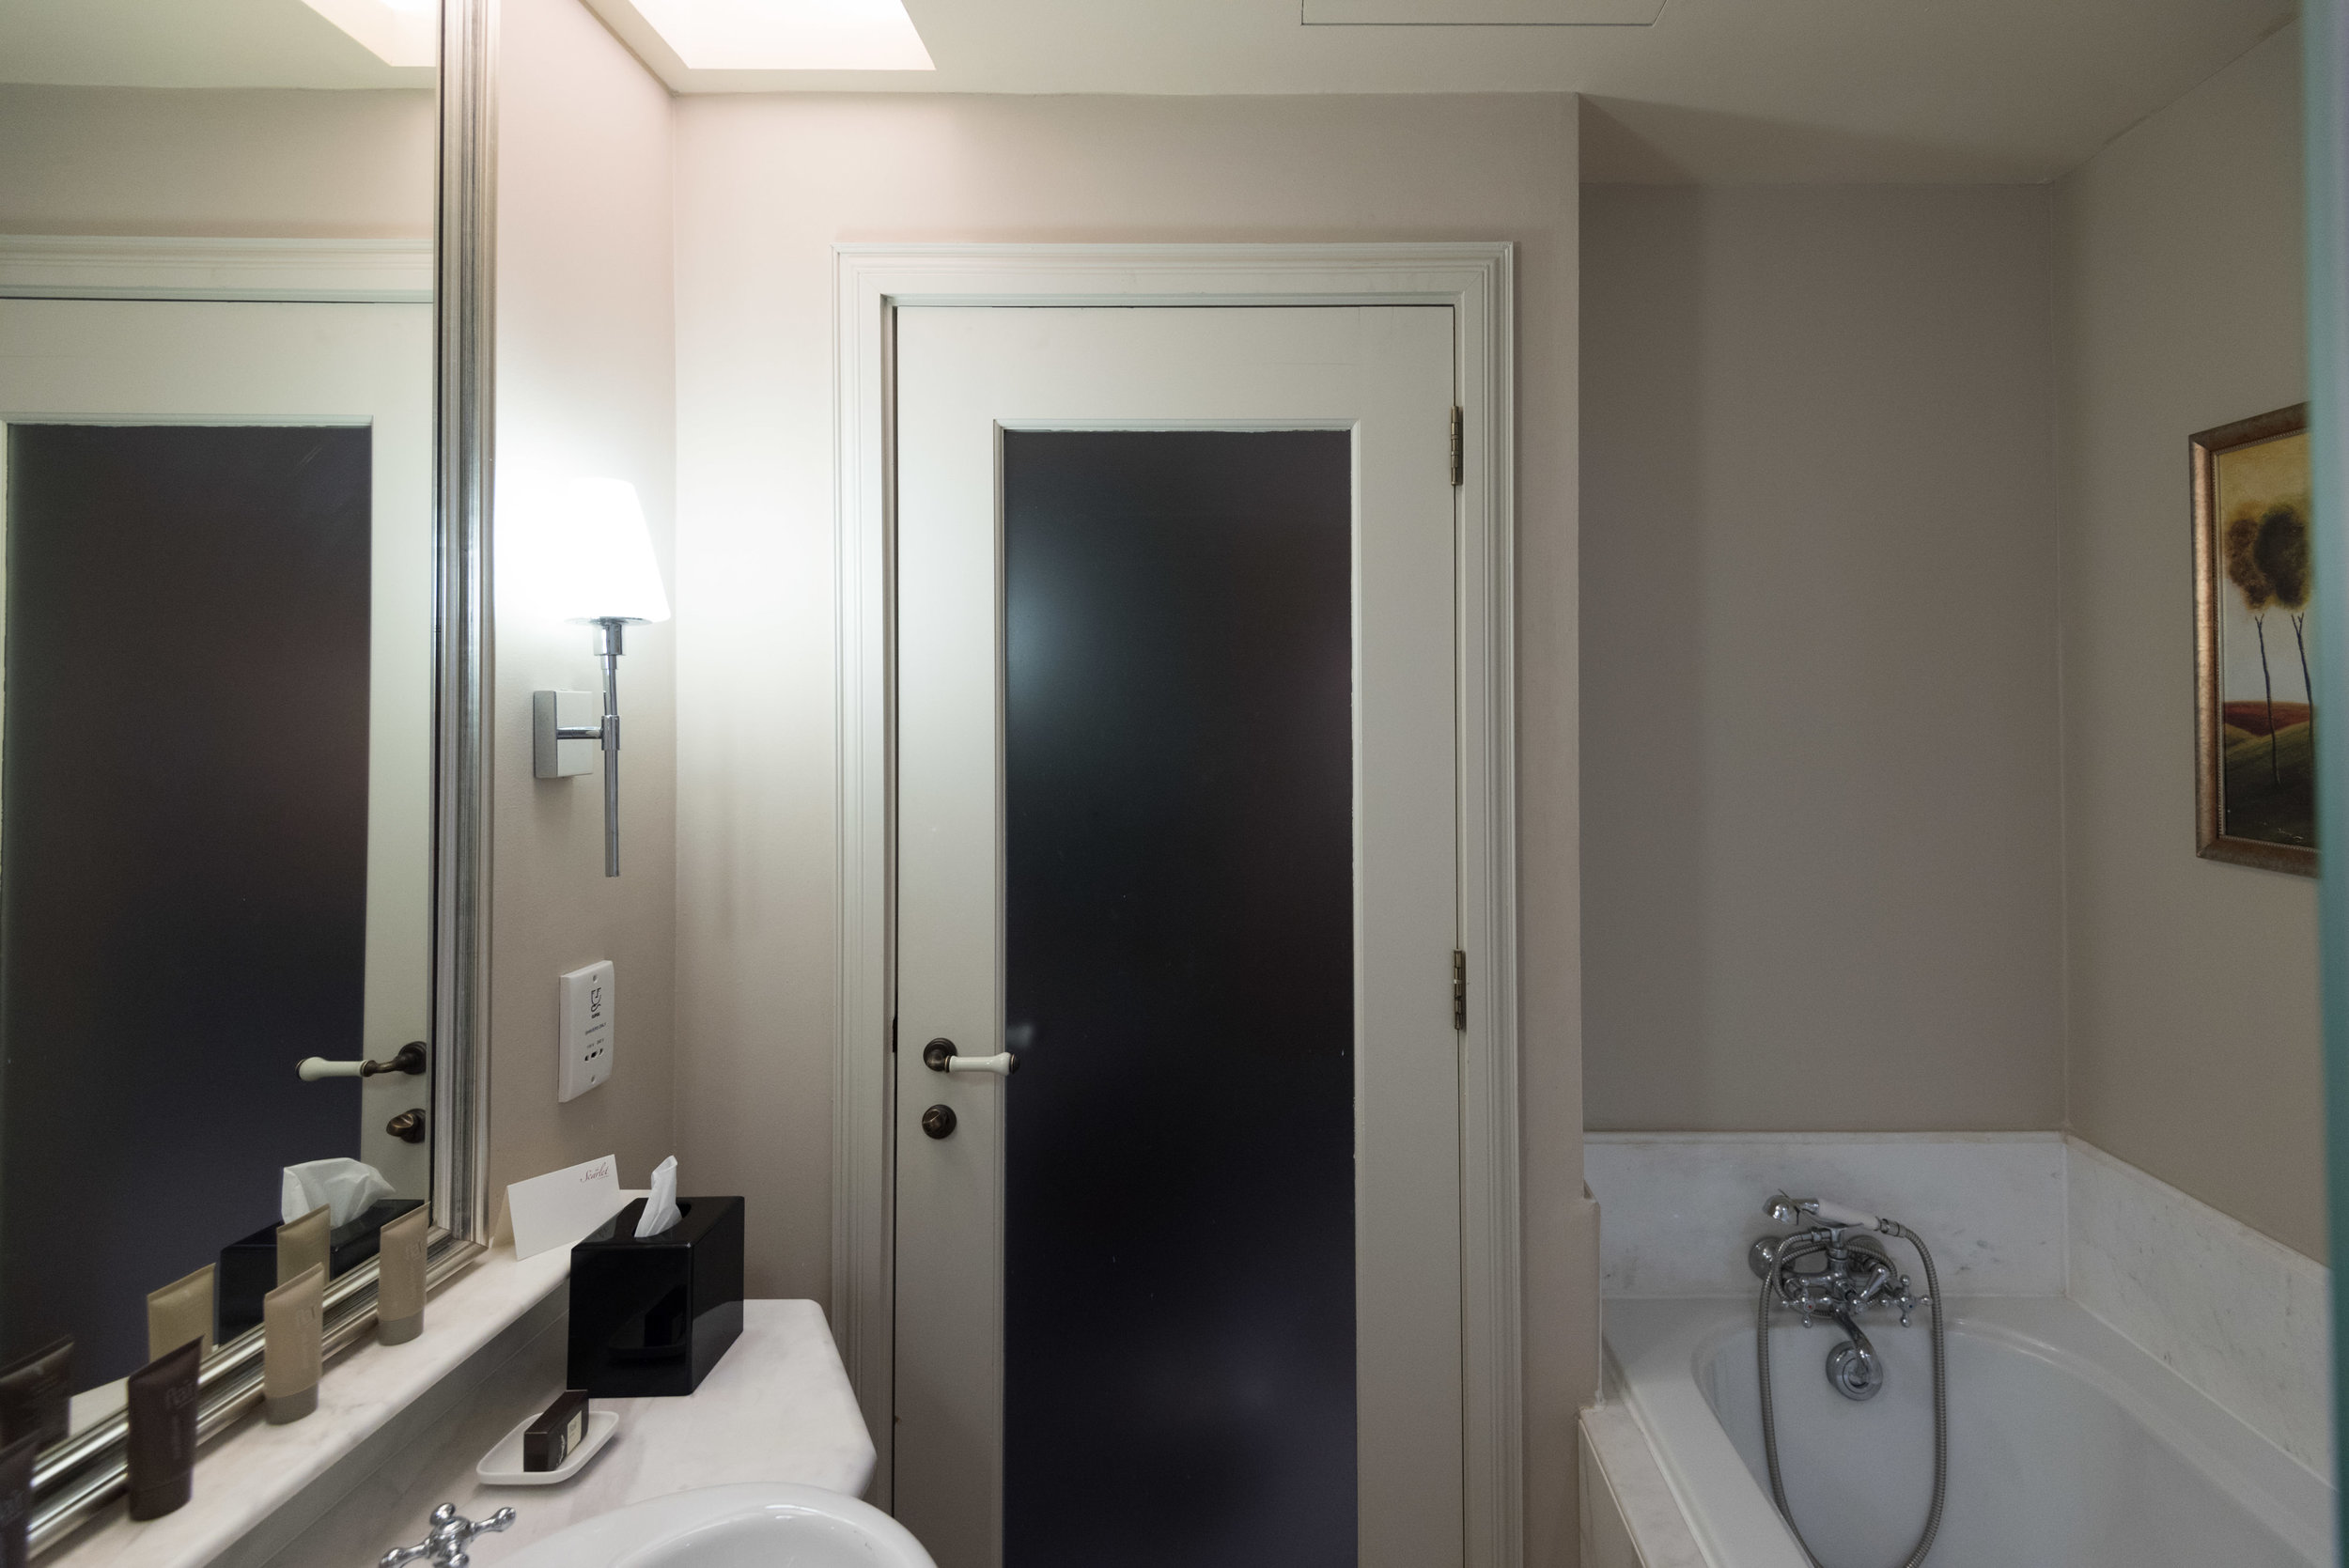 Bathroom  Premium Room - The Scarlet Singapore